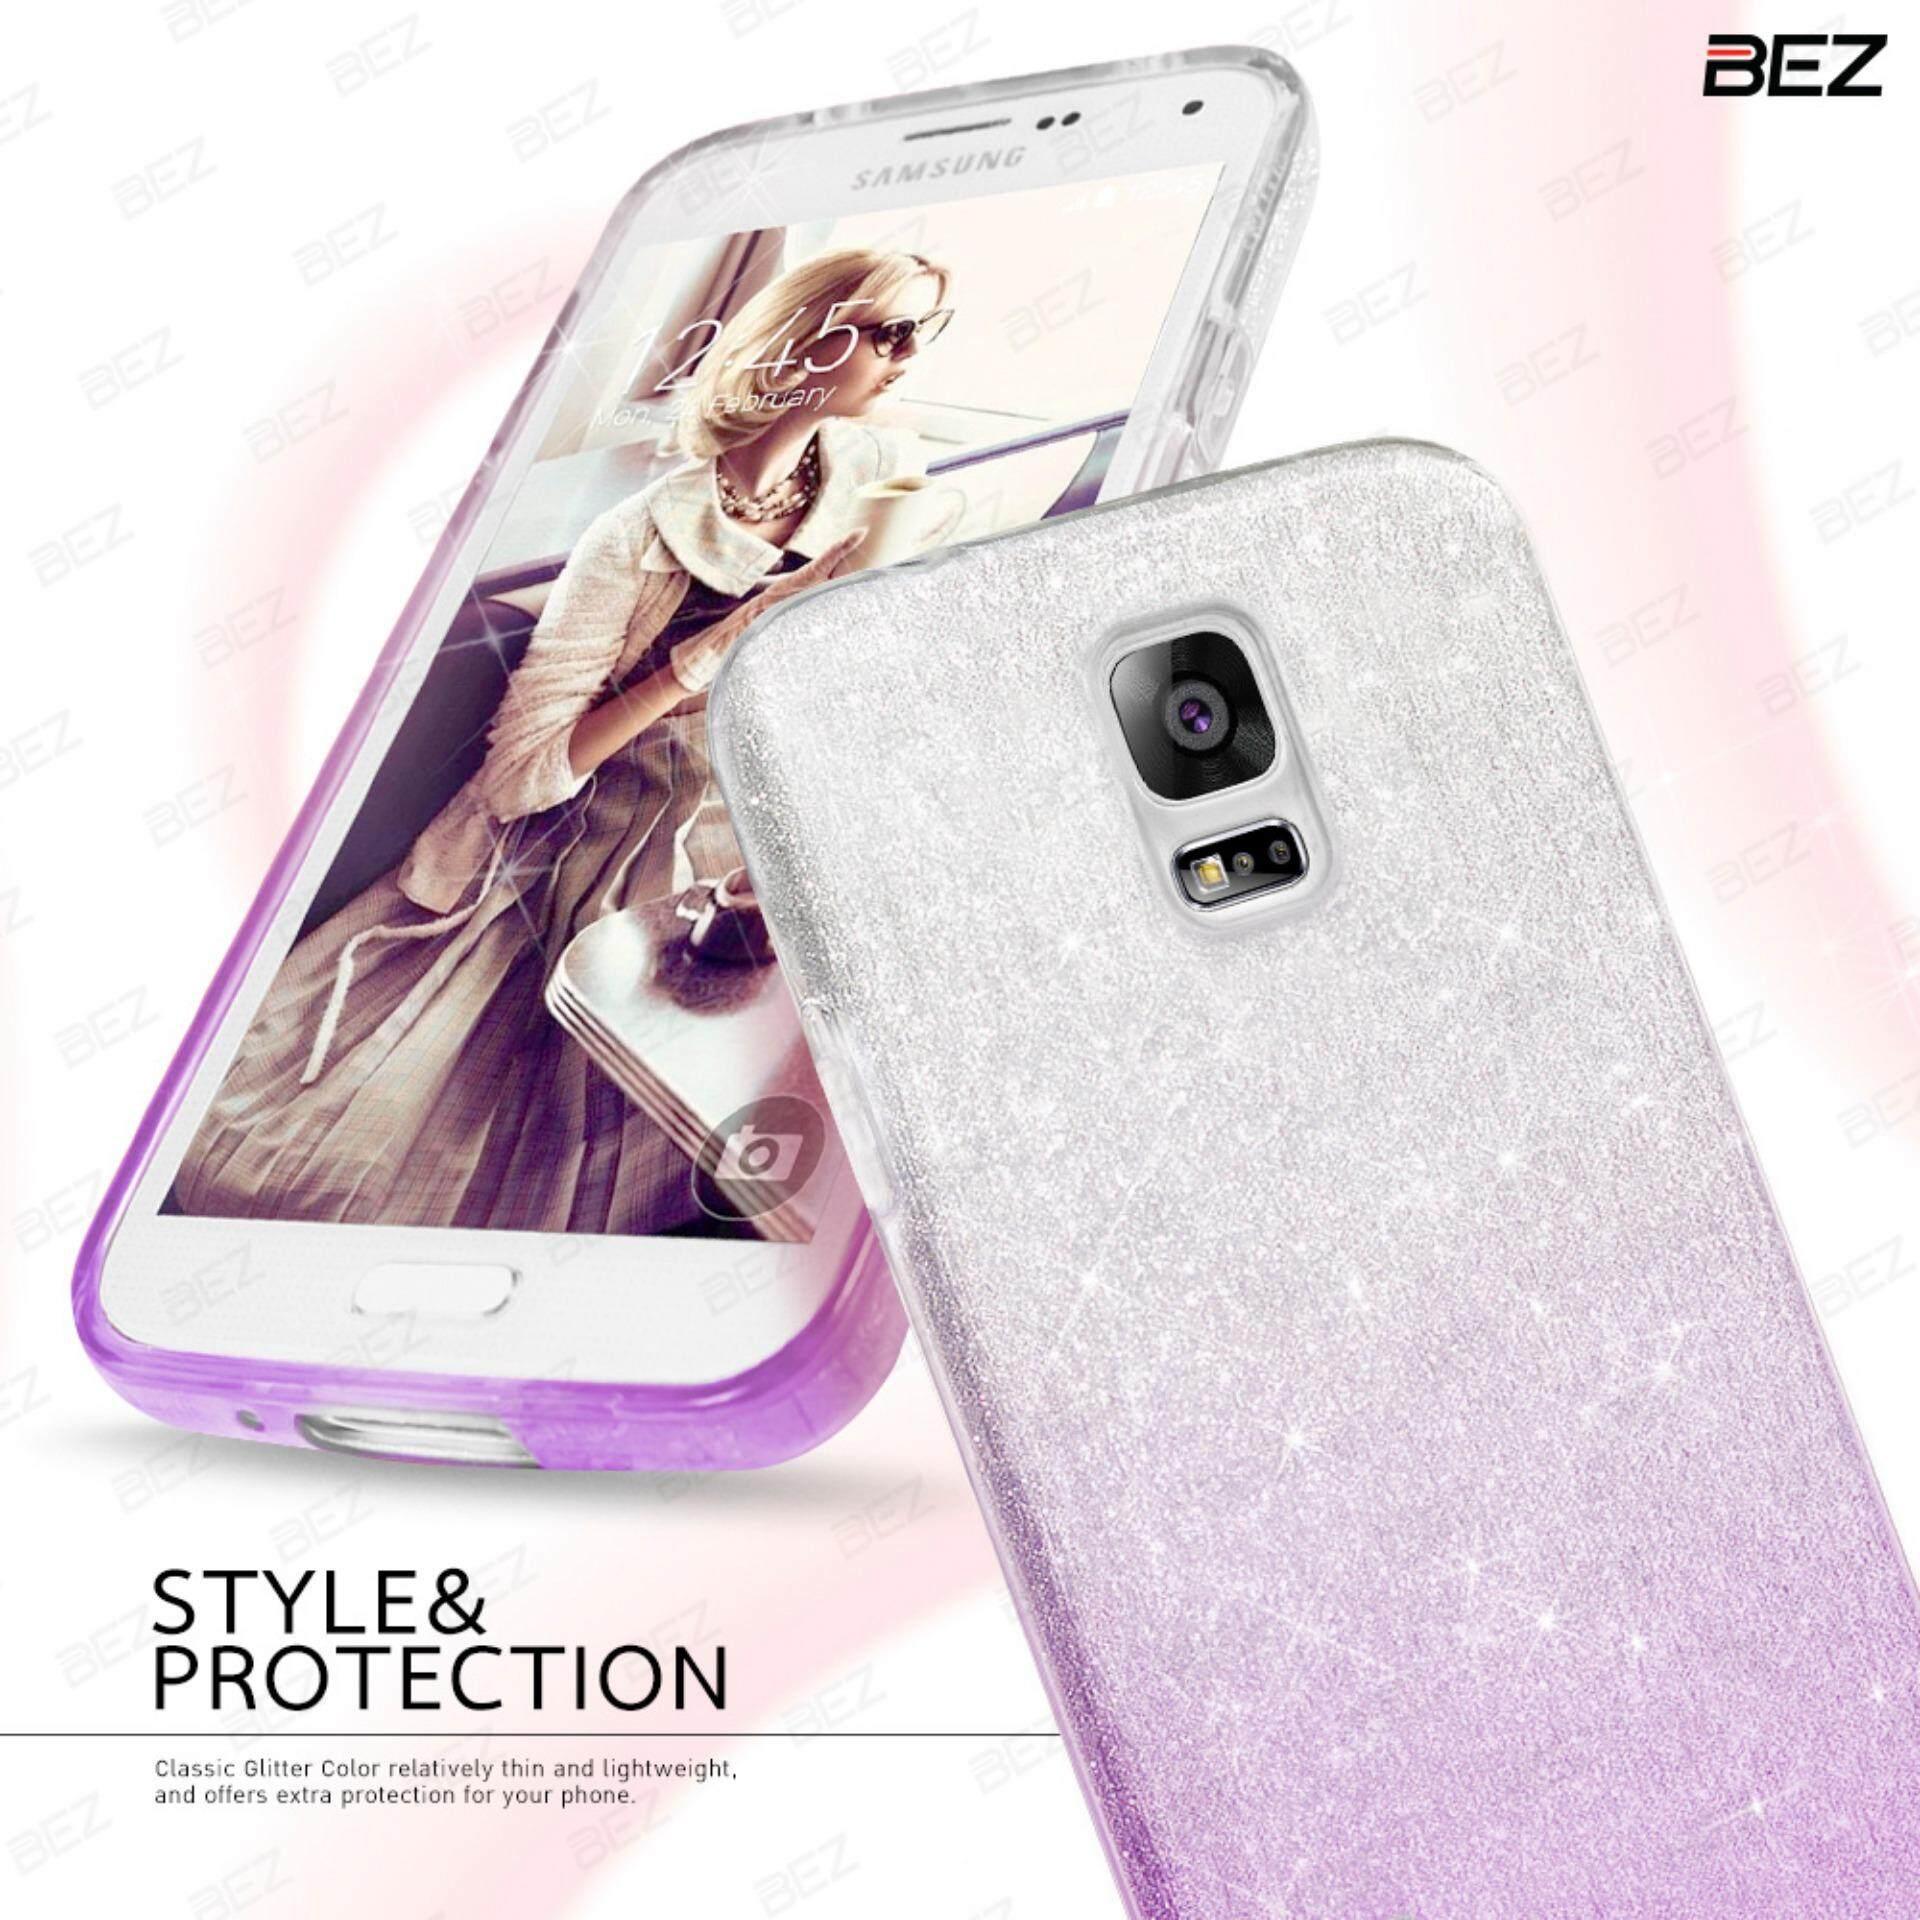 ทบทวน เคส ซัมซุง S5 เคส S5 เคส Sansung S5 Cases Galaxy S5 Bez® เคสมือถือ ฟรุ้งฟริ้ง คริสตัล ติดกากเพชร ซิลิโคน เคสฝาหลัง กันกระแทก Bez® Samsung Galaxy S5 Glitter Bling Bling Phone Case Jg2 Gs5 Bez®